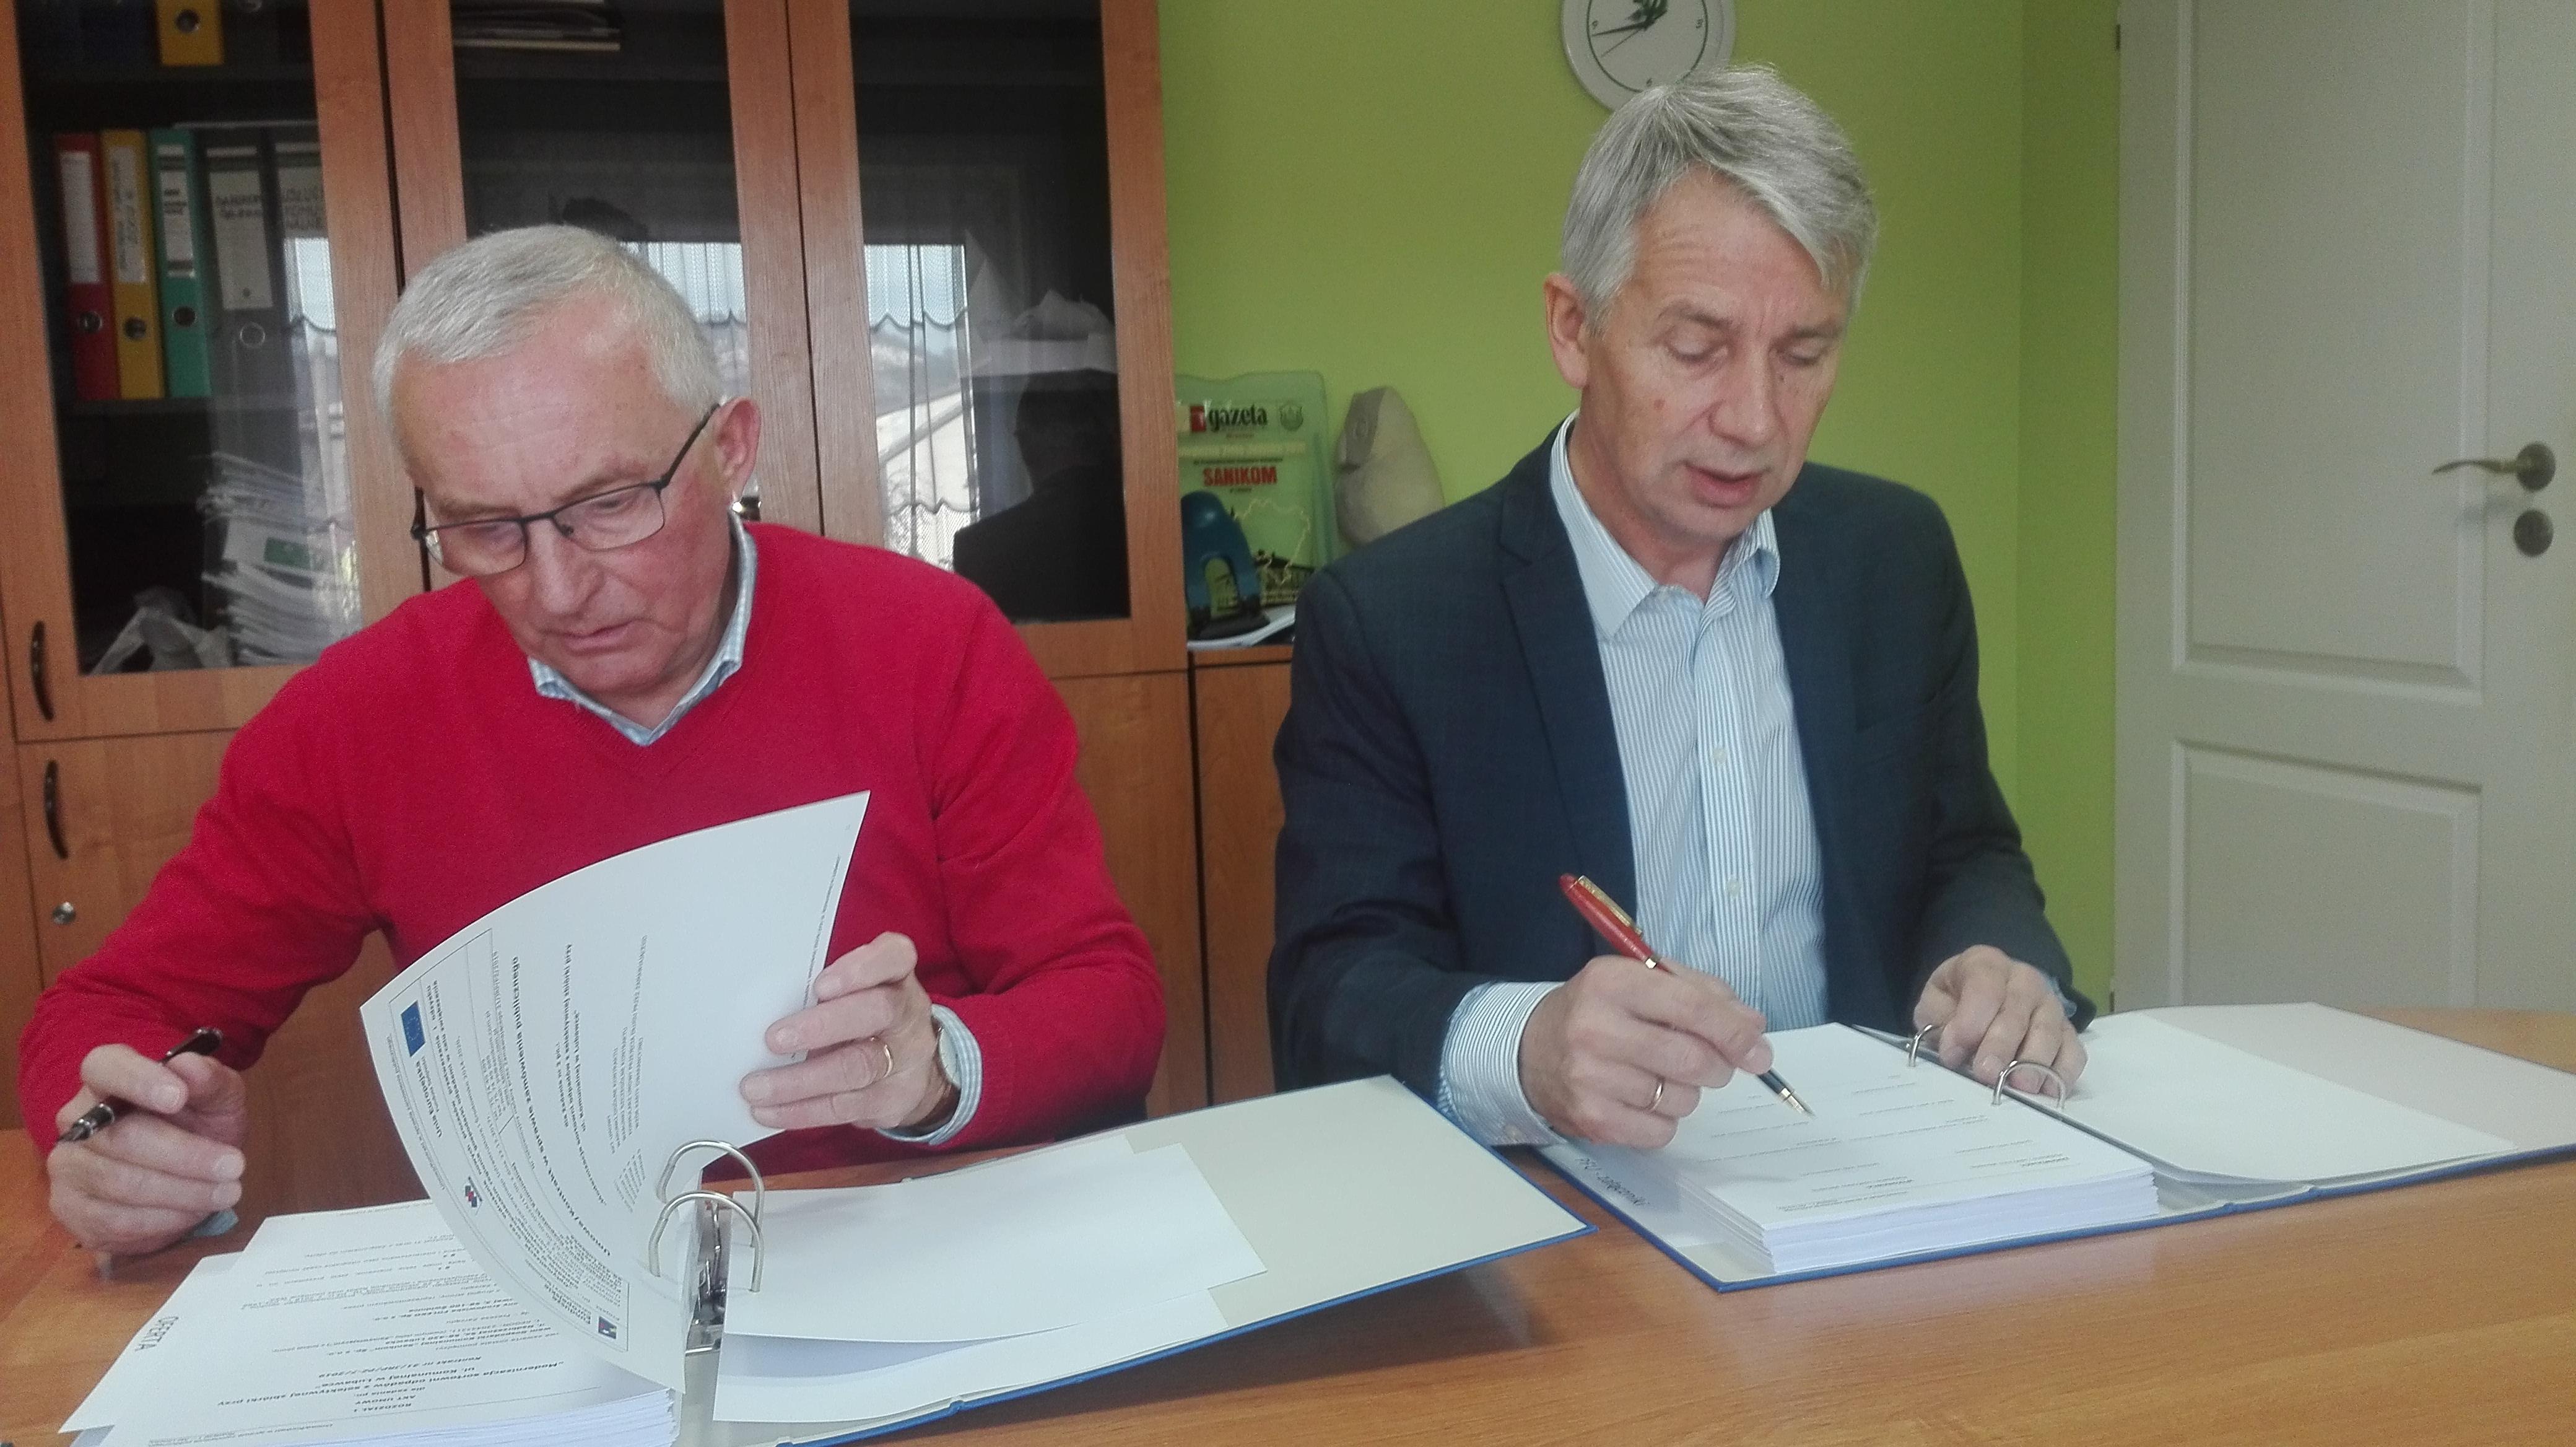 Umowę podpisali prezes Foleko Ireneusz Pałac oraz prezes Sanikom - Andrzej Wojdyła (fot. mat. pras. Mo-Ja Multimedia)